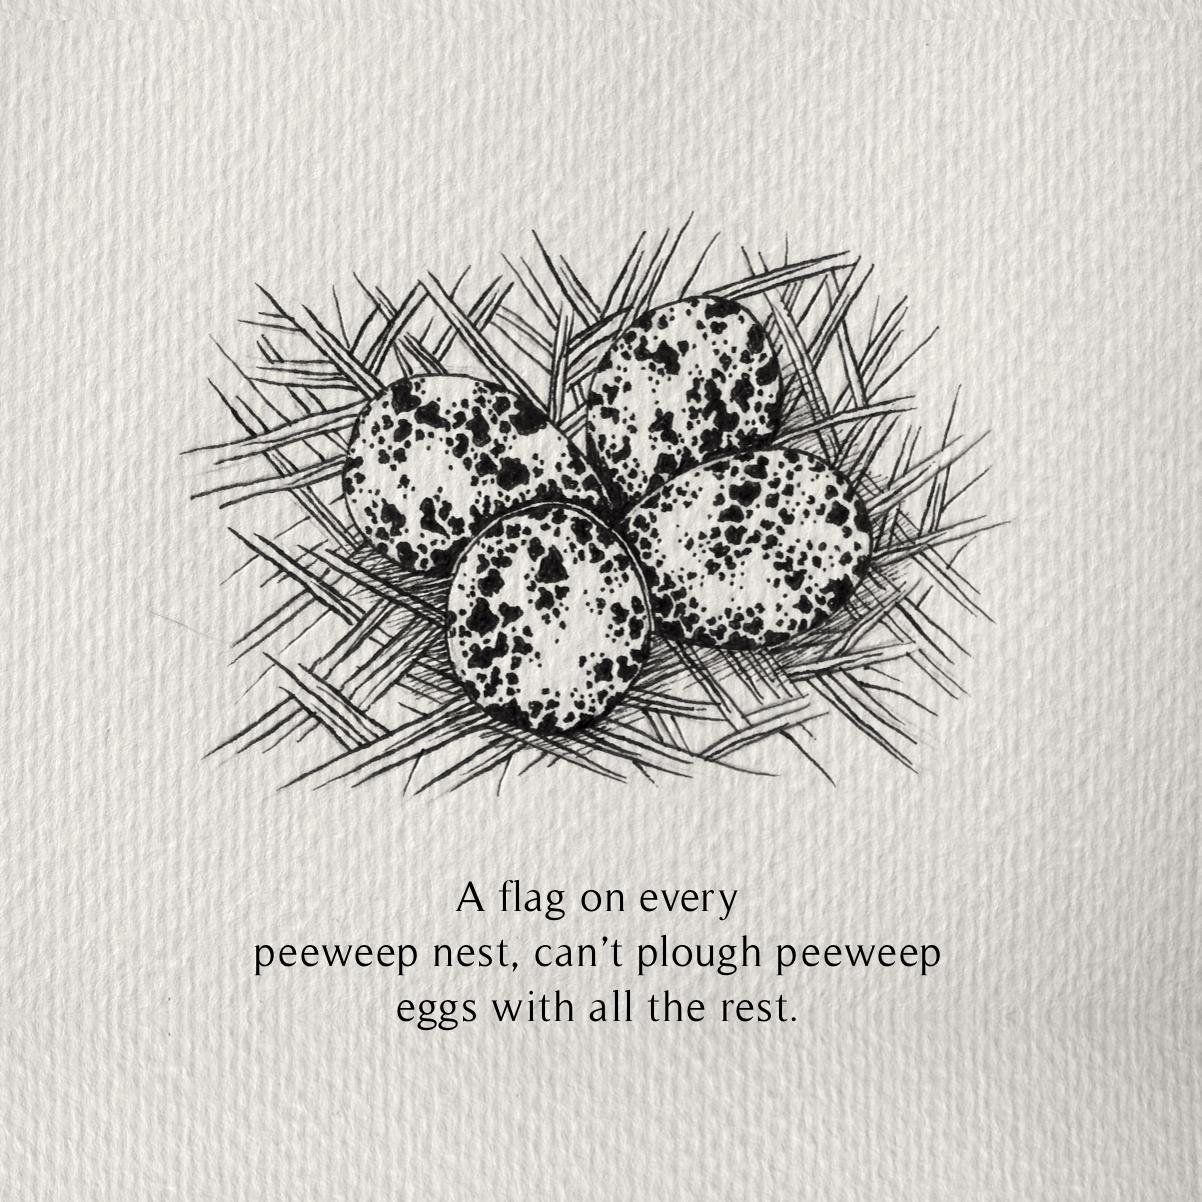 Peeweep.png